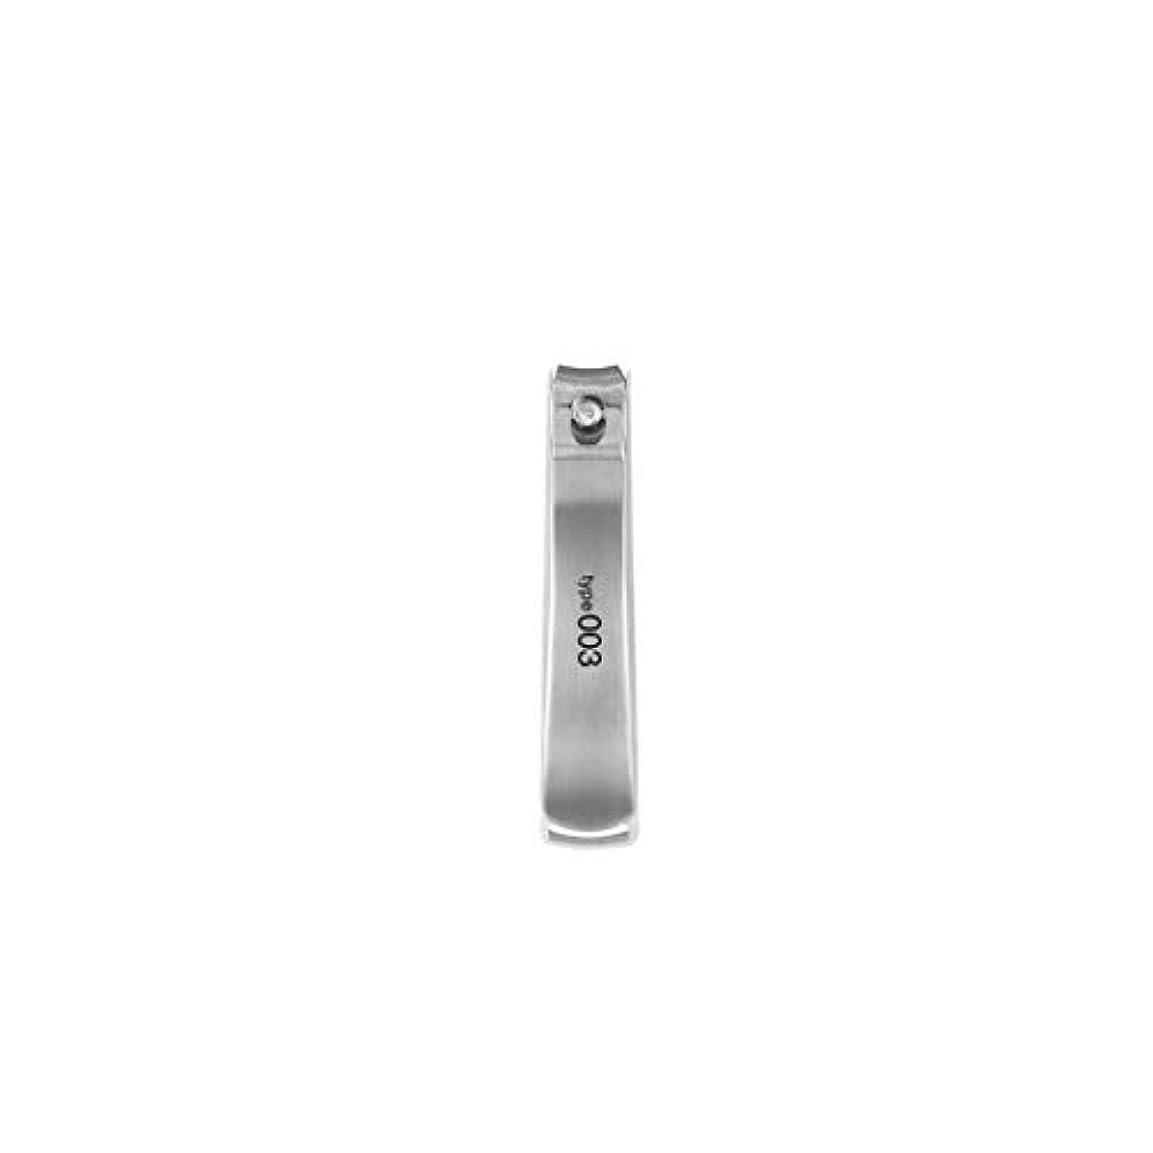 着替える変化するアーサー貝印 ツメキリ Type003S KE0127